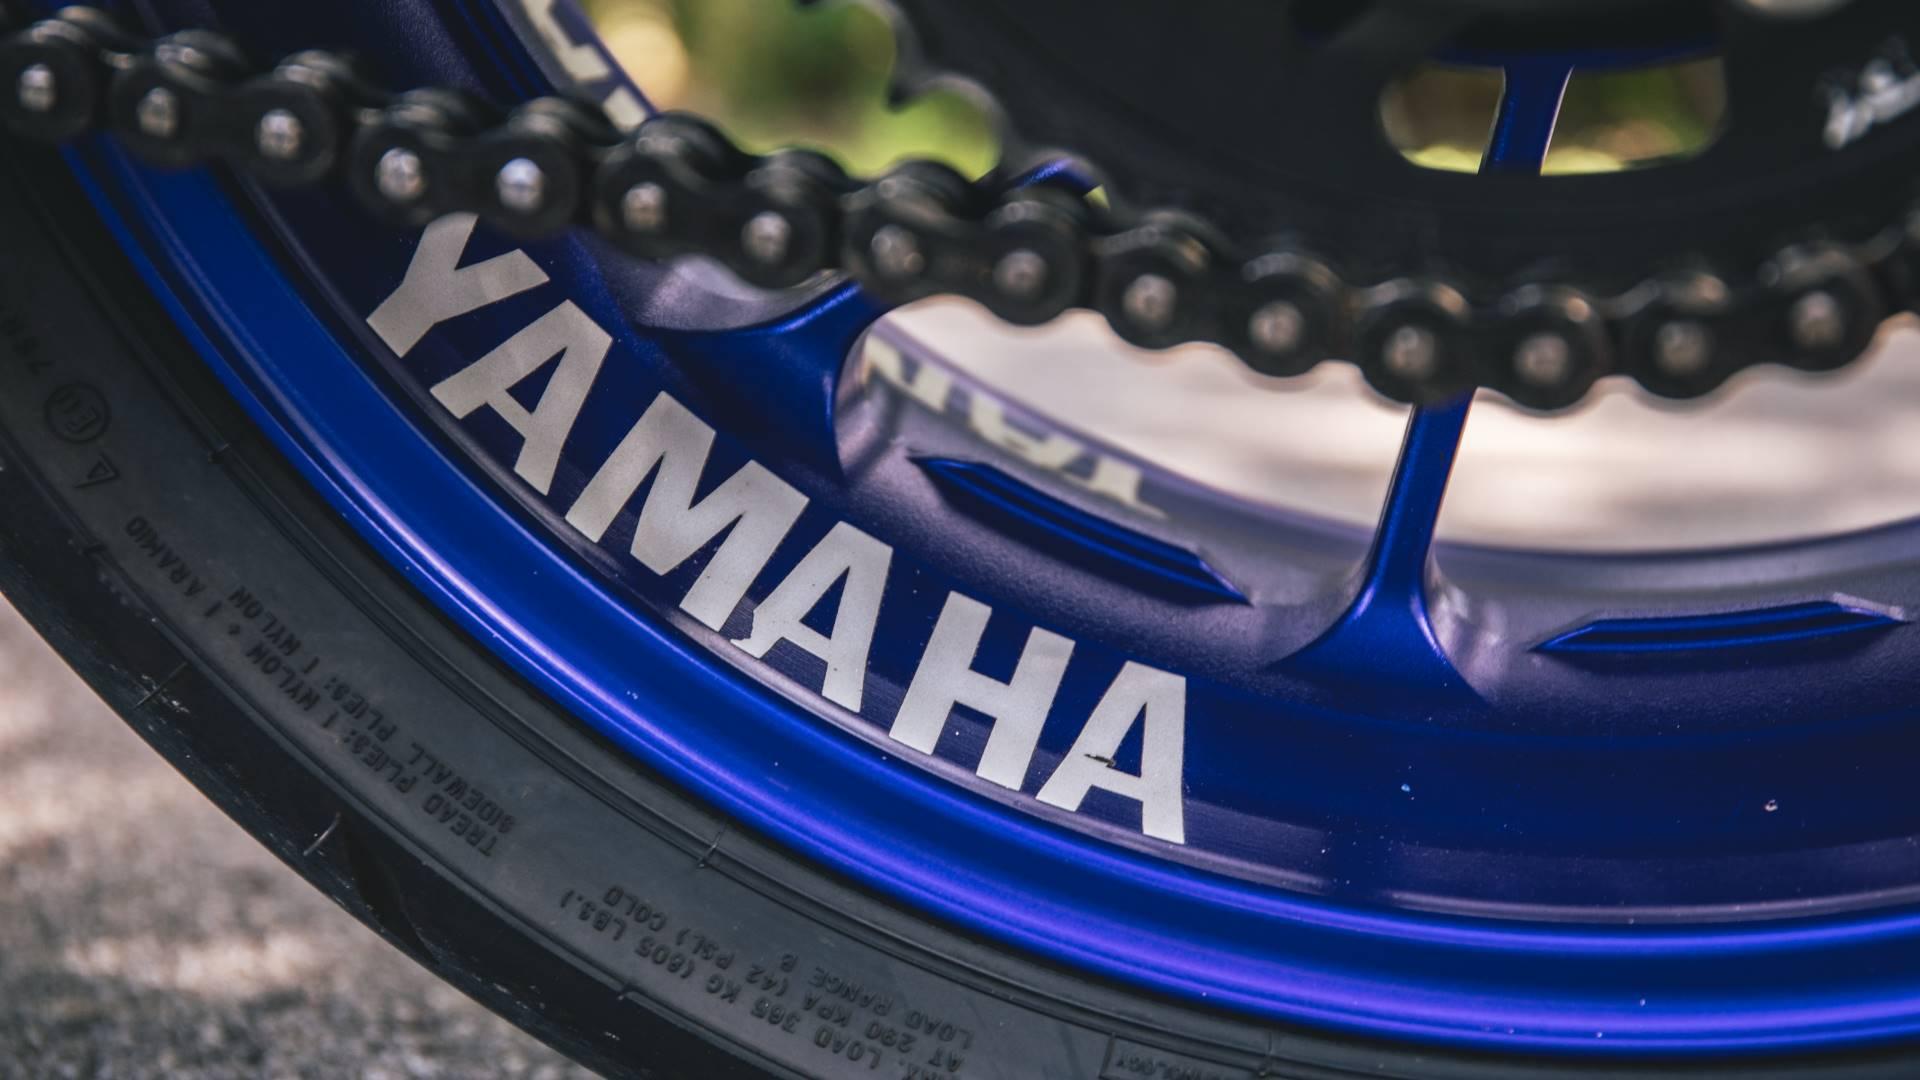 Used 2016 Yamaha FZ-07 Motorcycles in Lakeland, FL   Stock